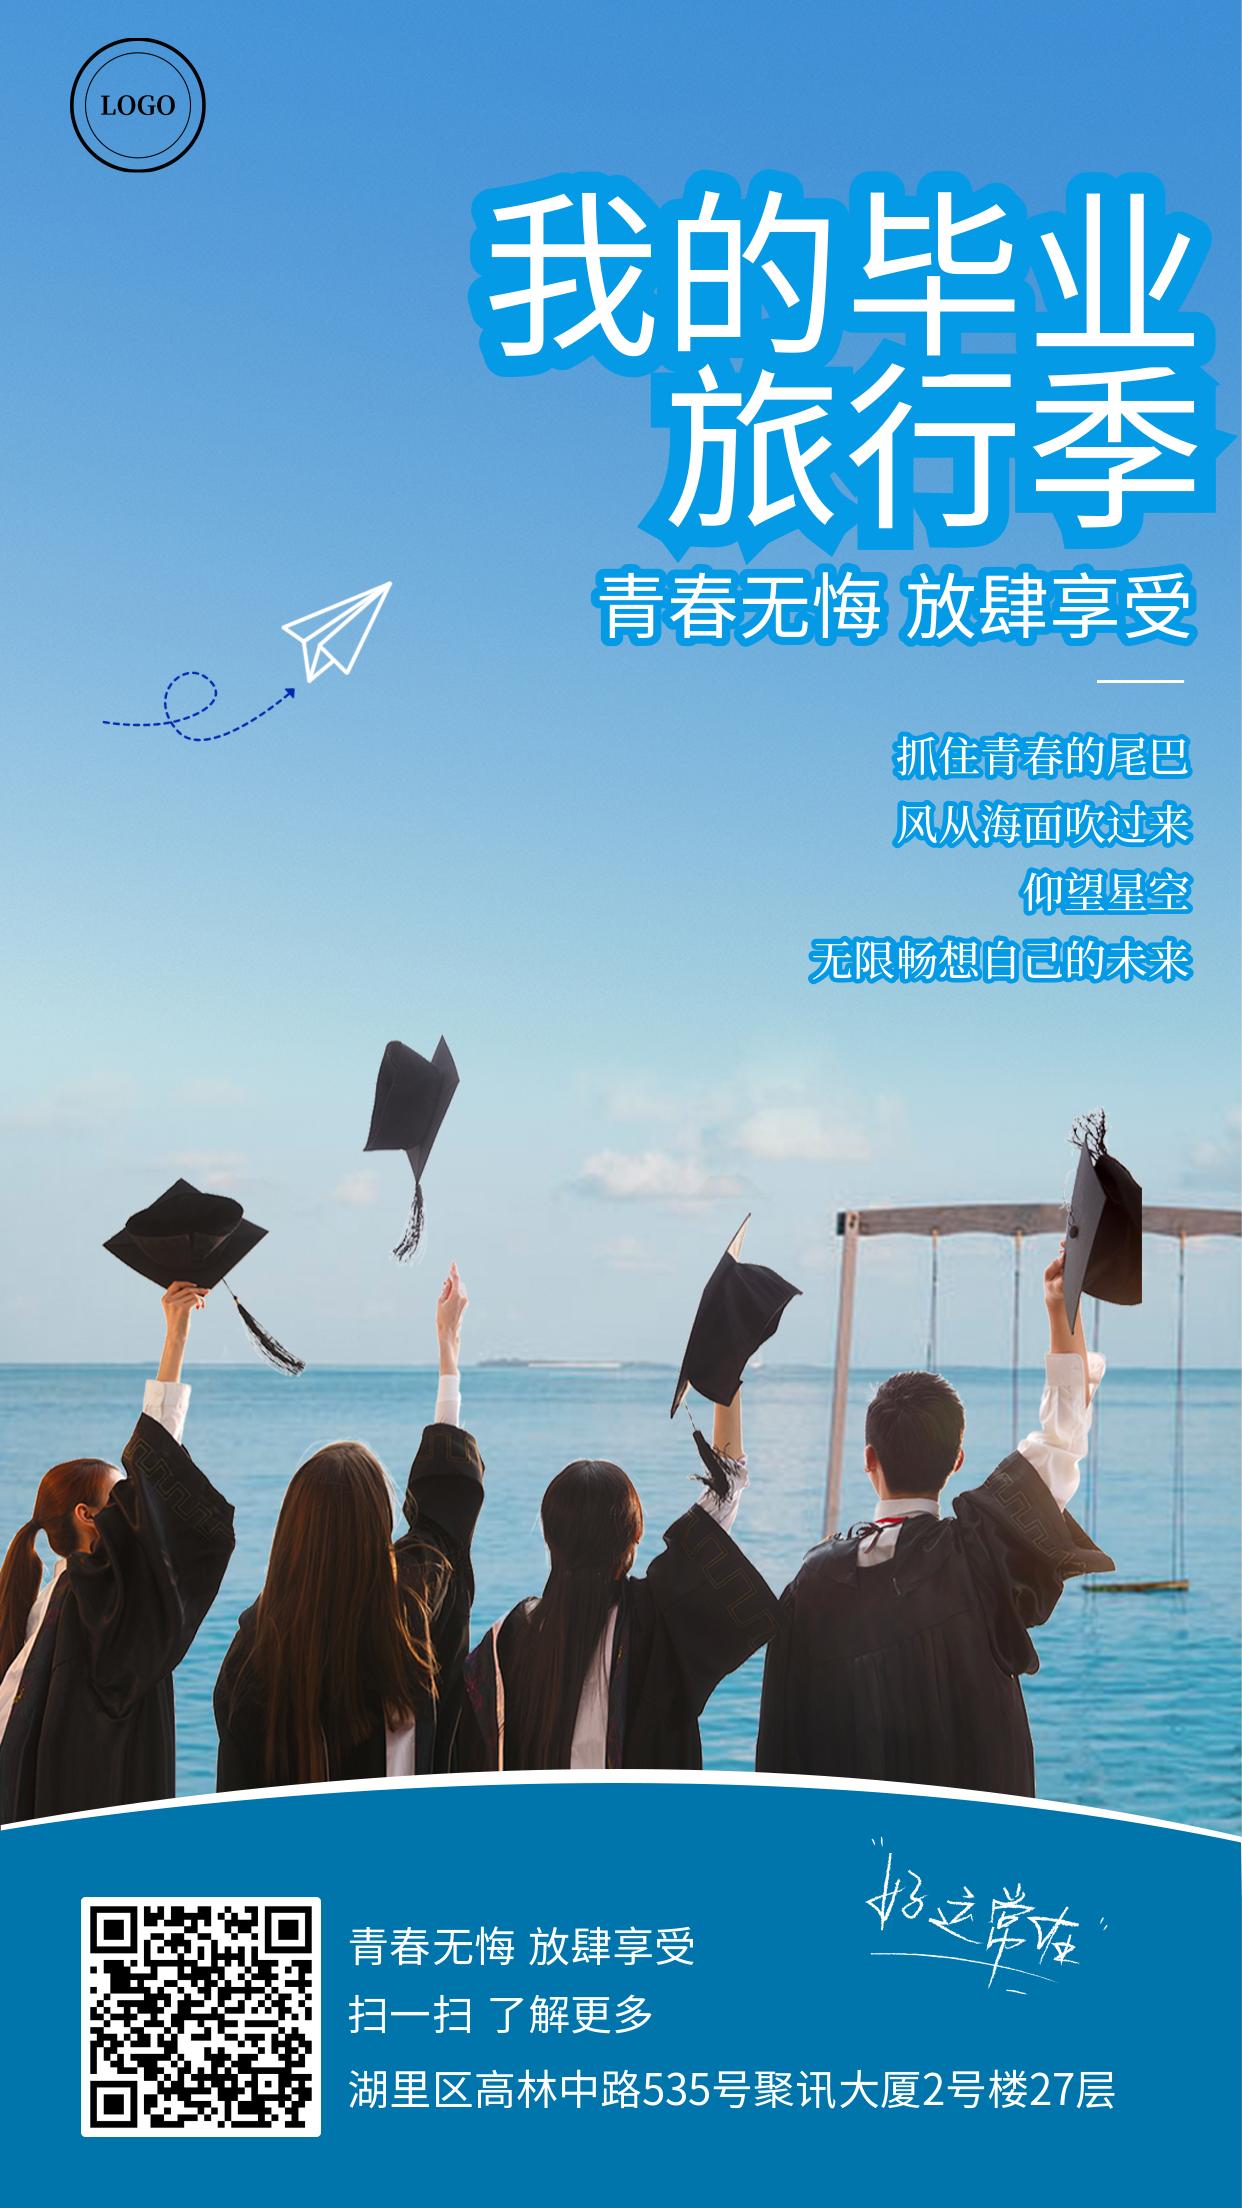 毕业旅行路线宣传手机海报